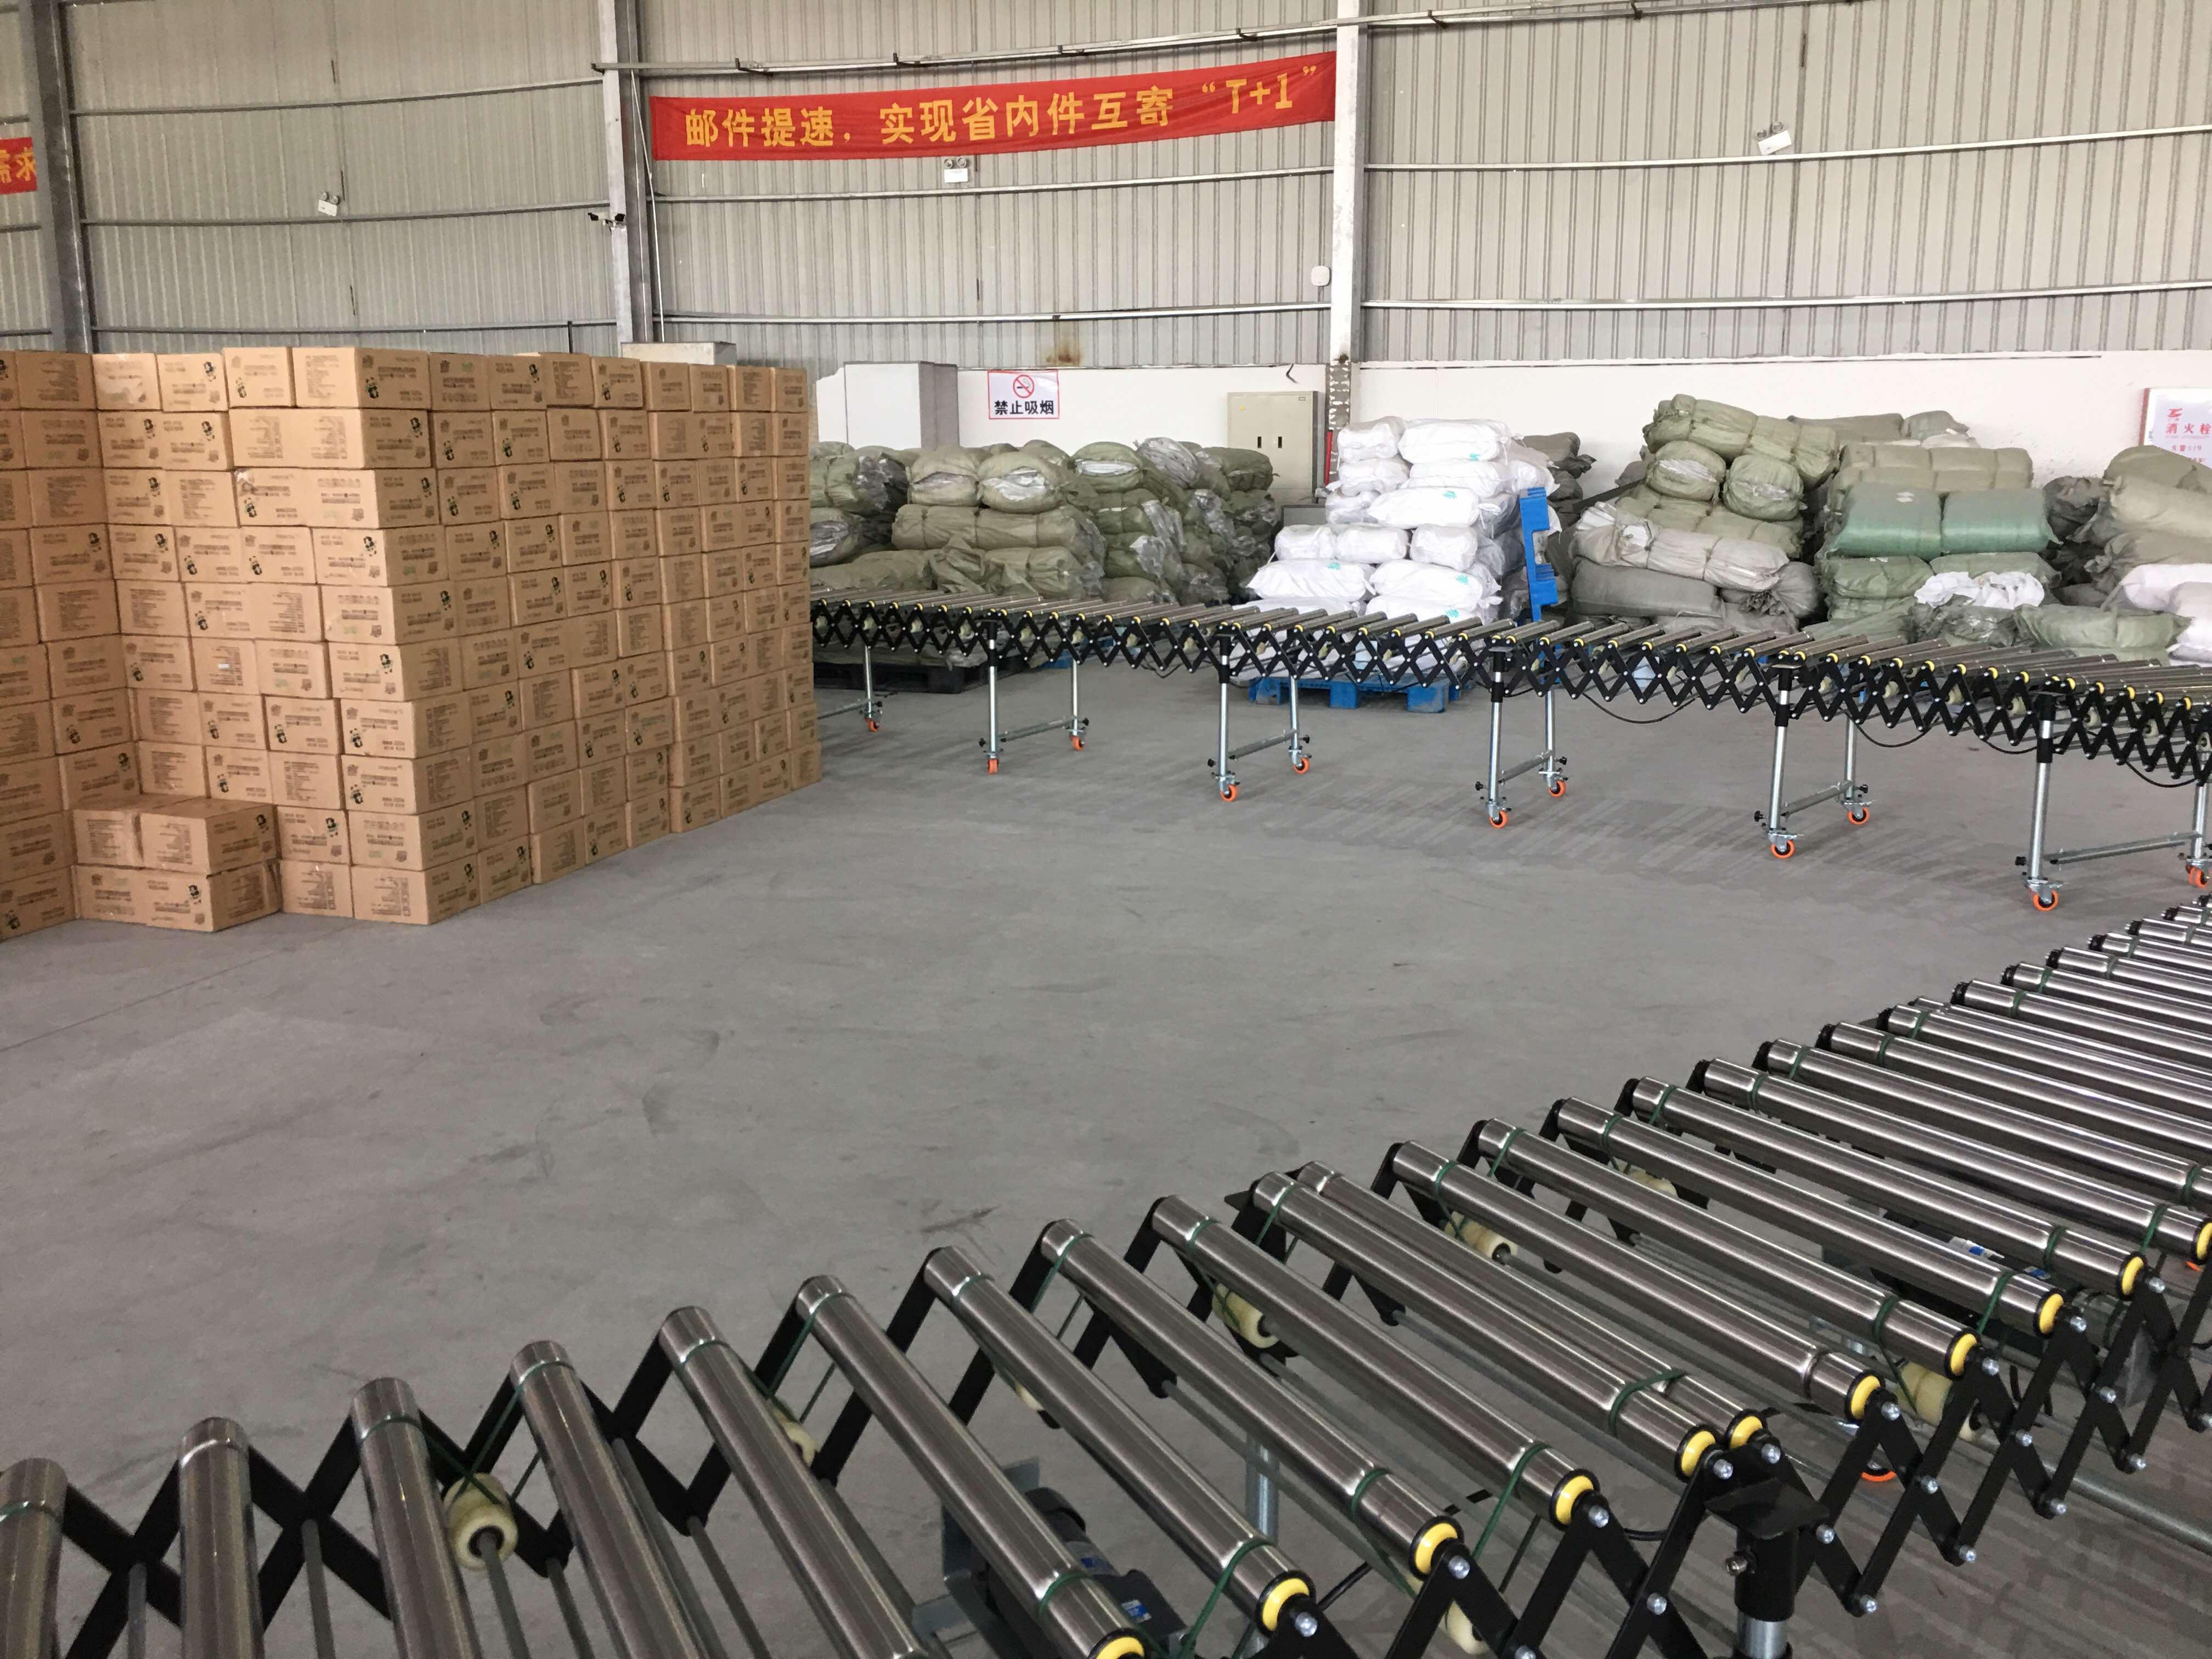 供应福建专业的智能化物流线,三明新型智能化物流线厂